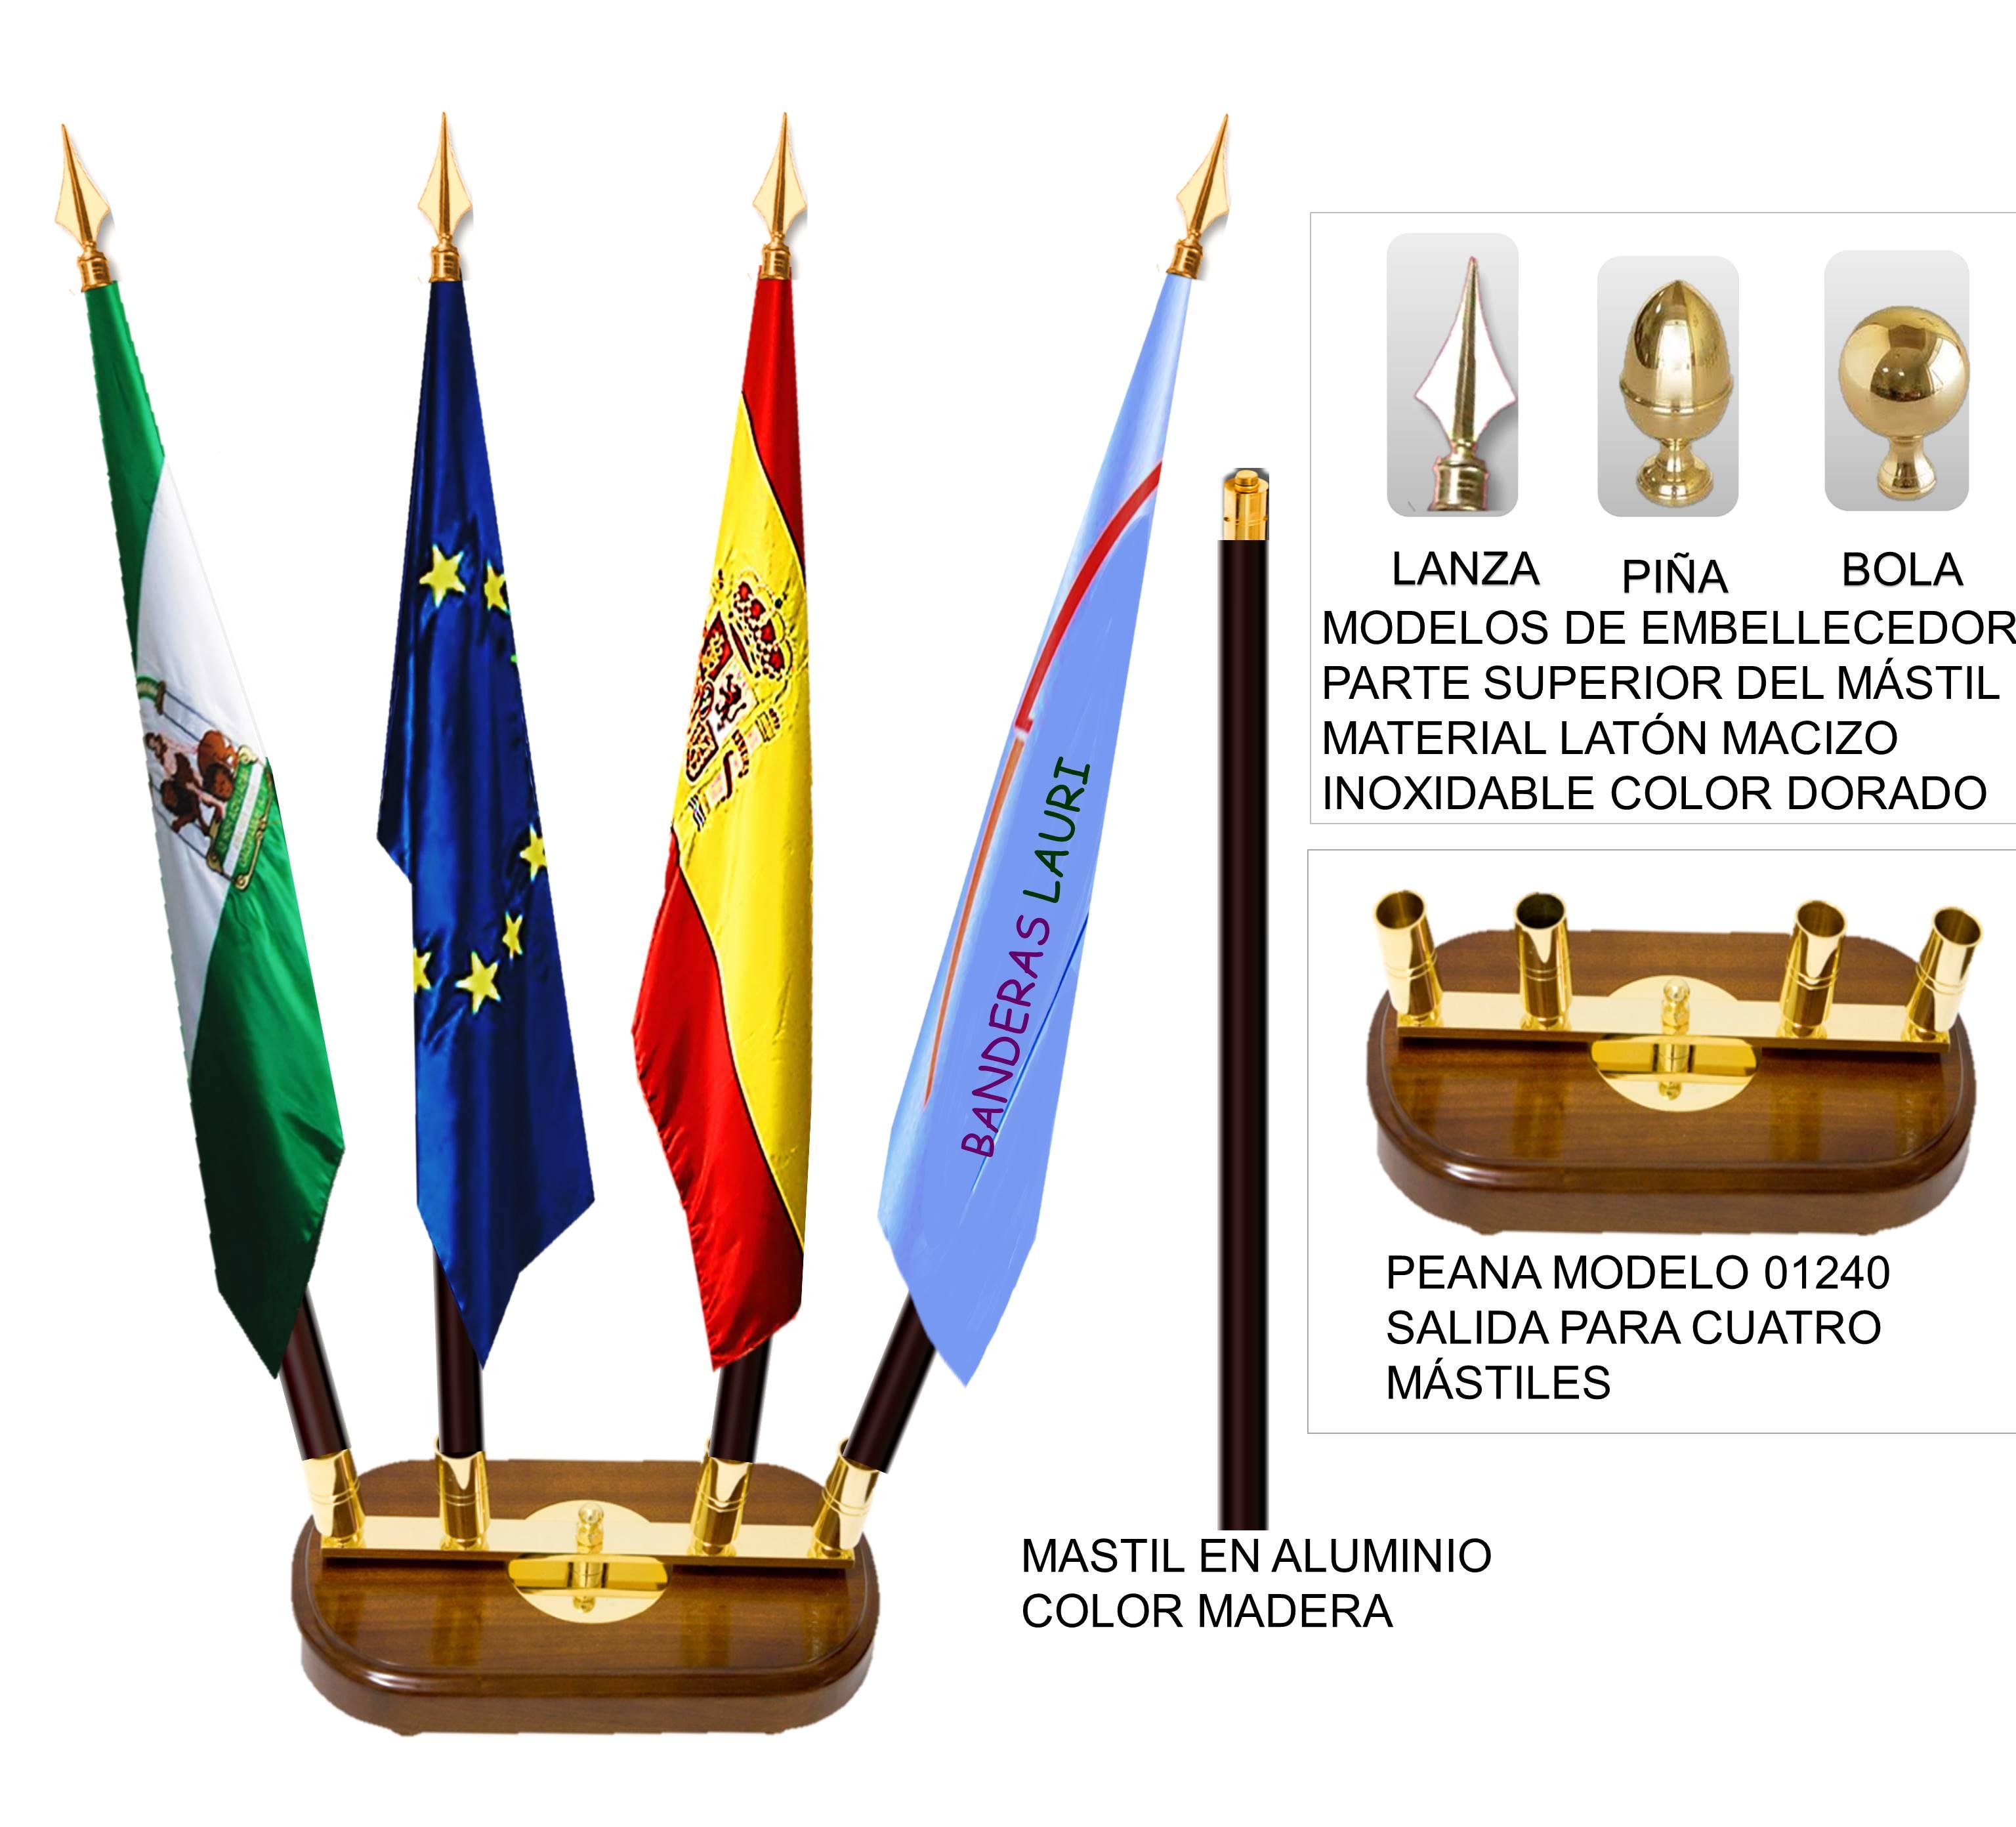 MASTIL DE INTERIOR -MODELO 01240